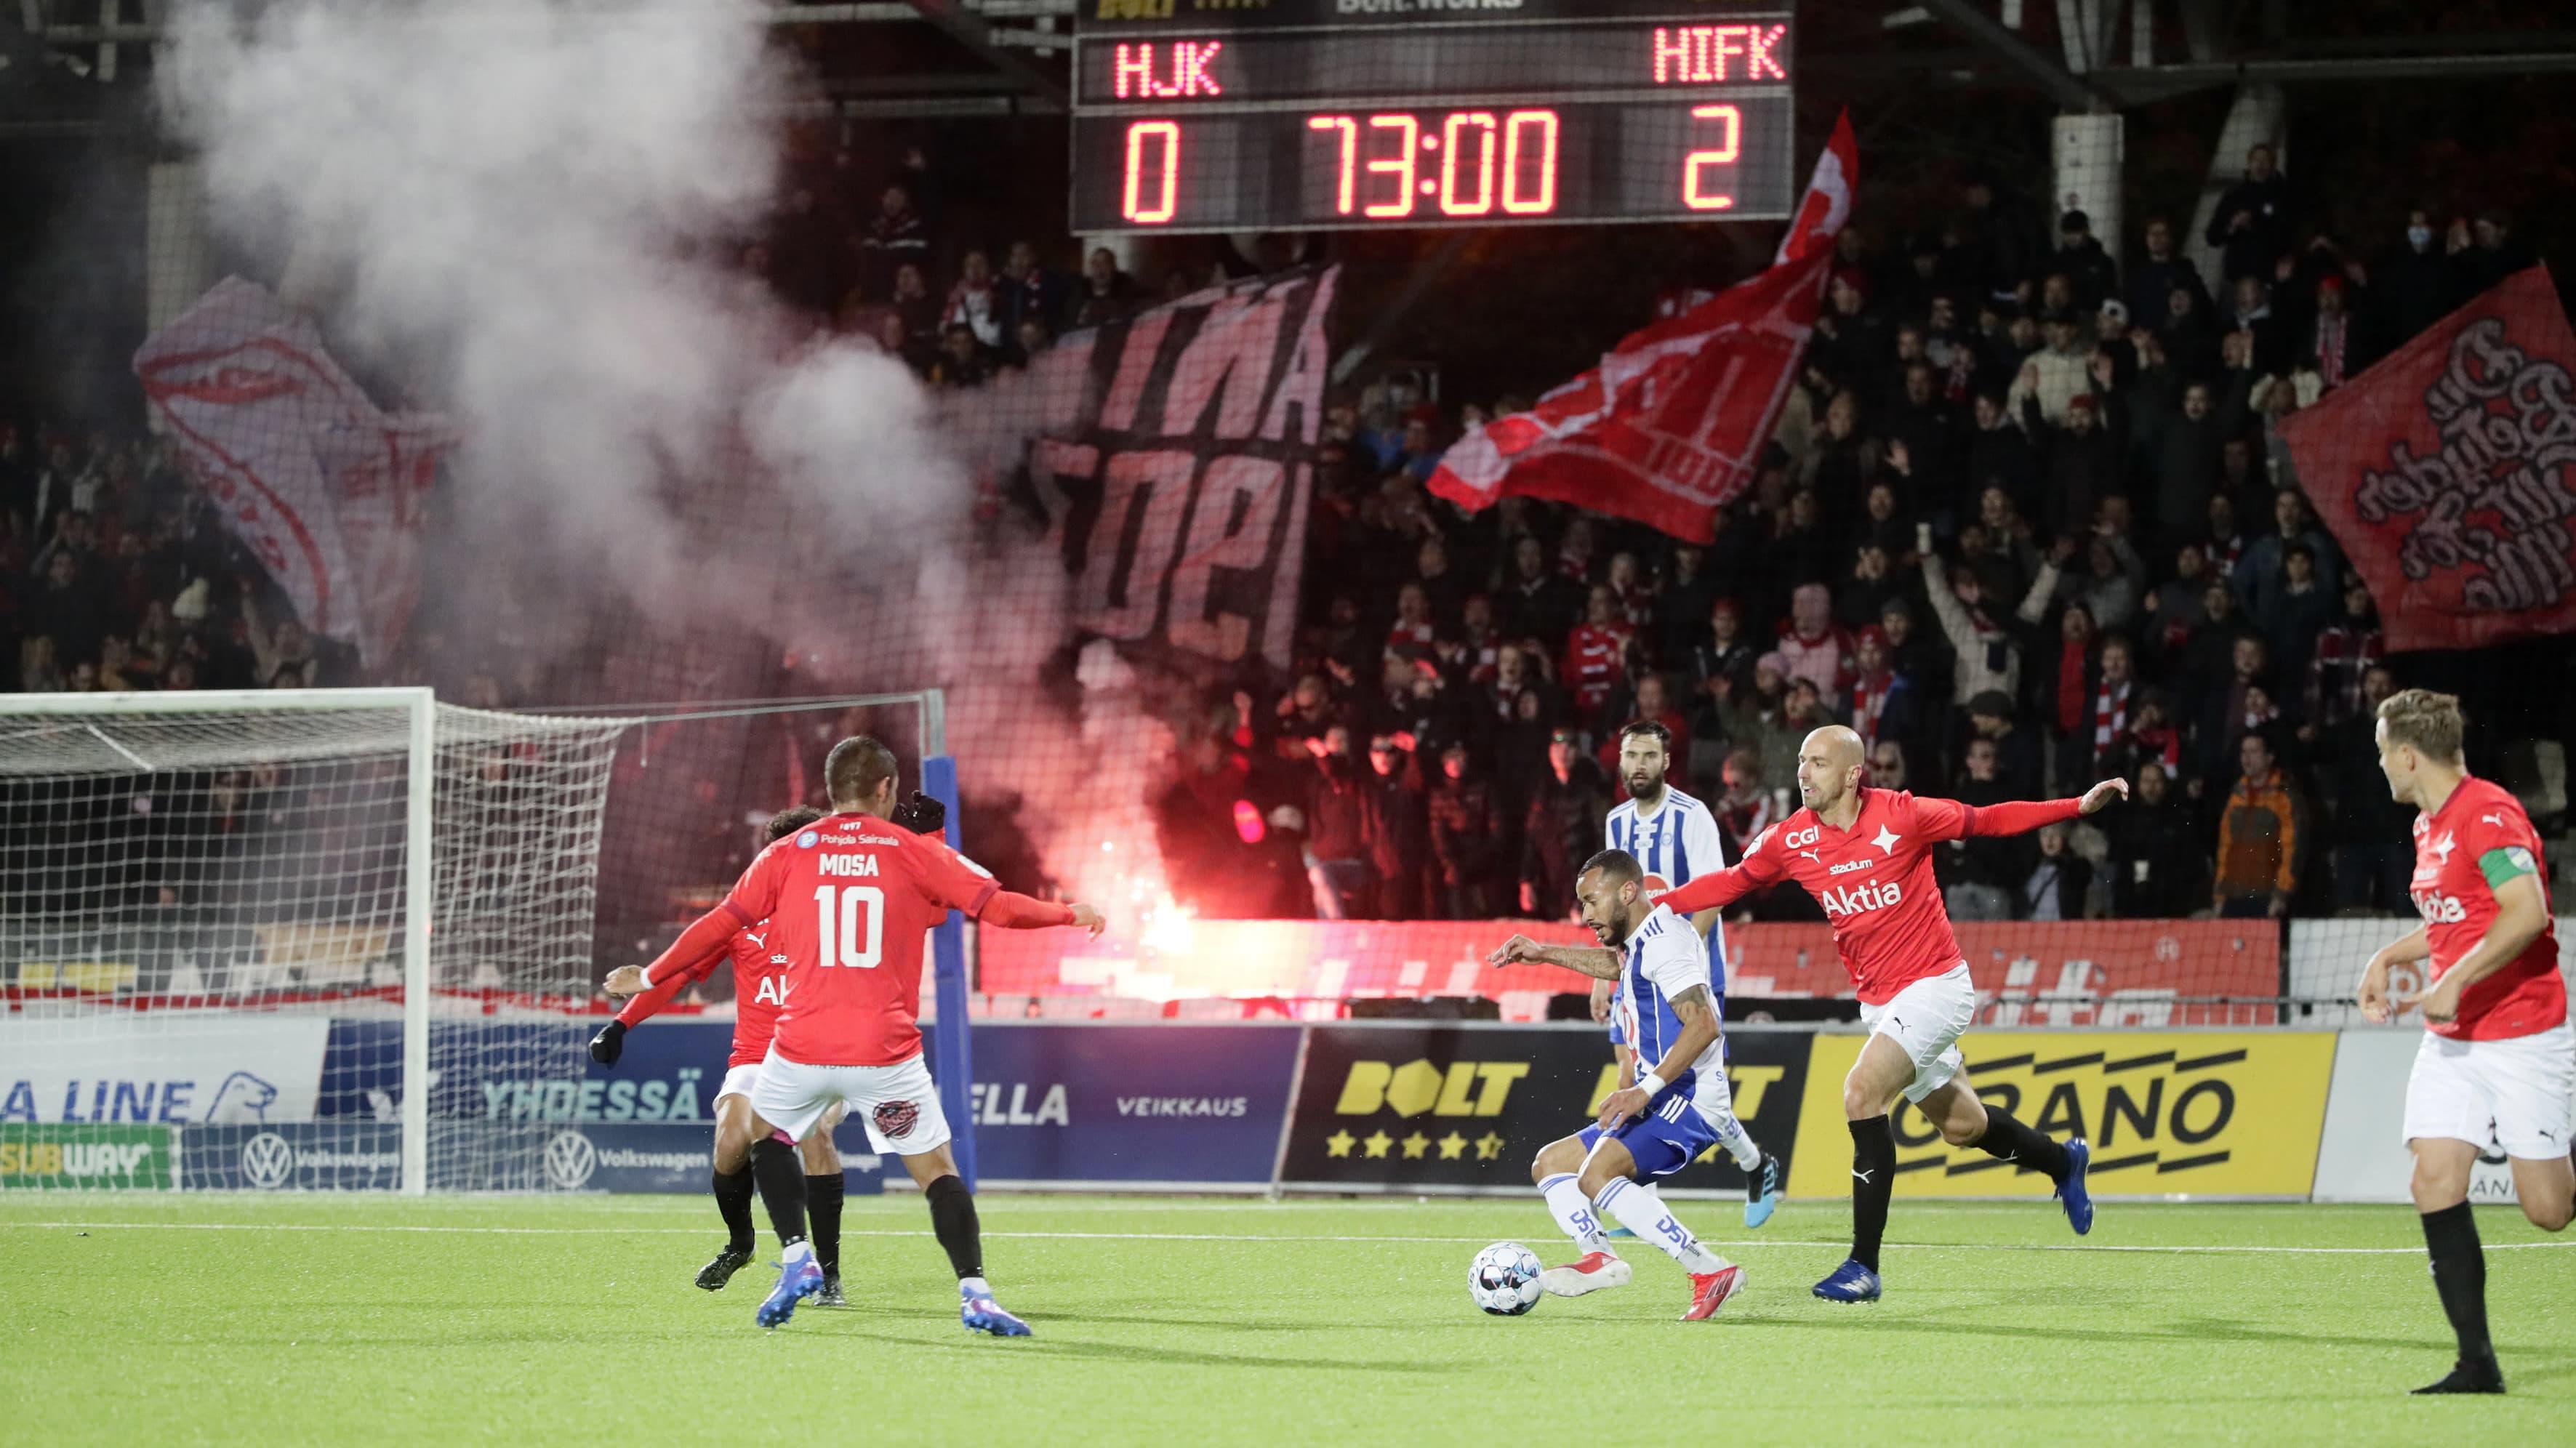 HIFK voitti edellisessä Stadin derbyssä HJK:n 2–0.